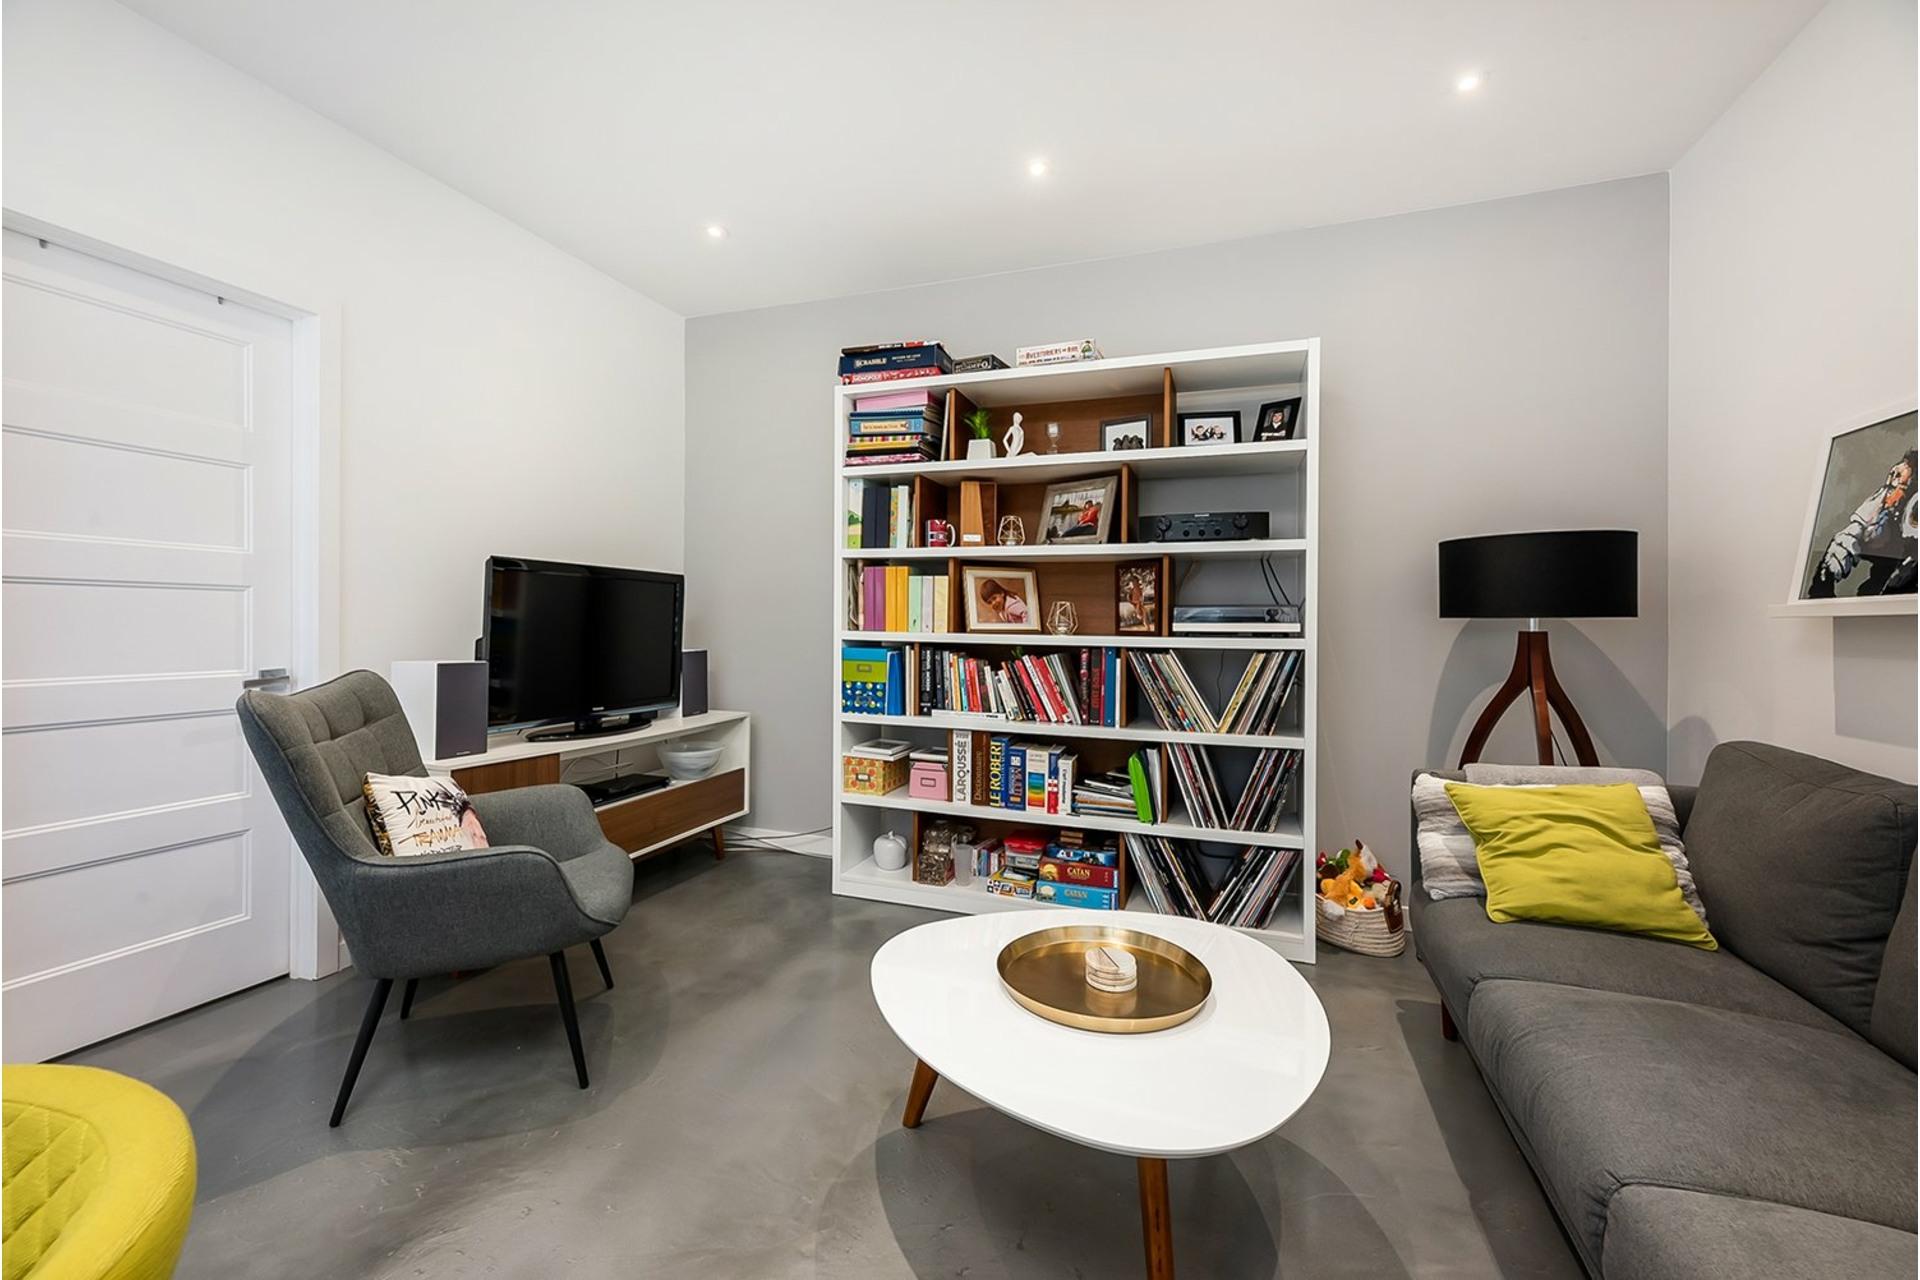 image 37 - Triplex For sale Mercier/Hochelaga-Maisonneuve Montréal  - 4 rooms